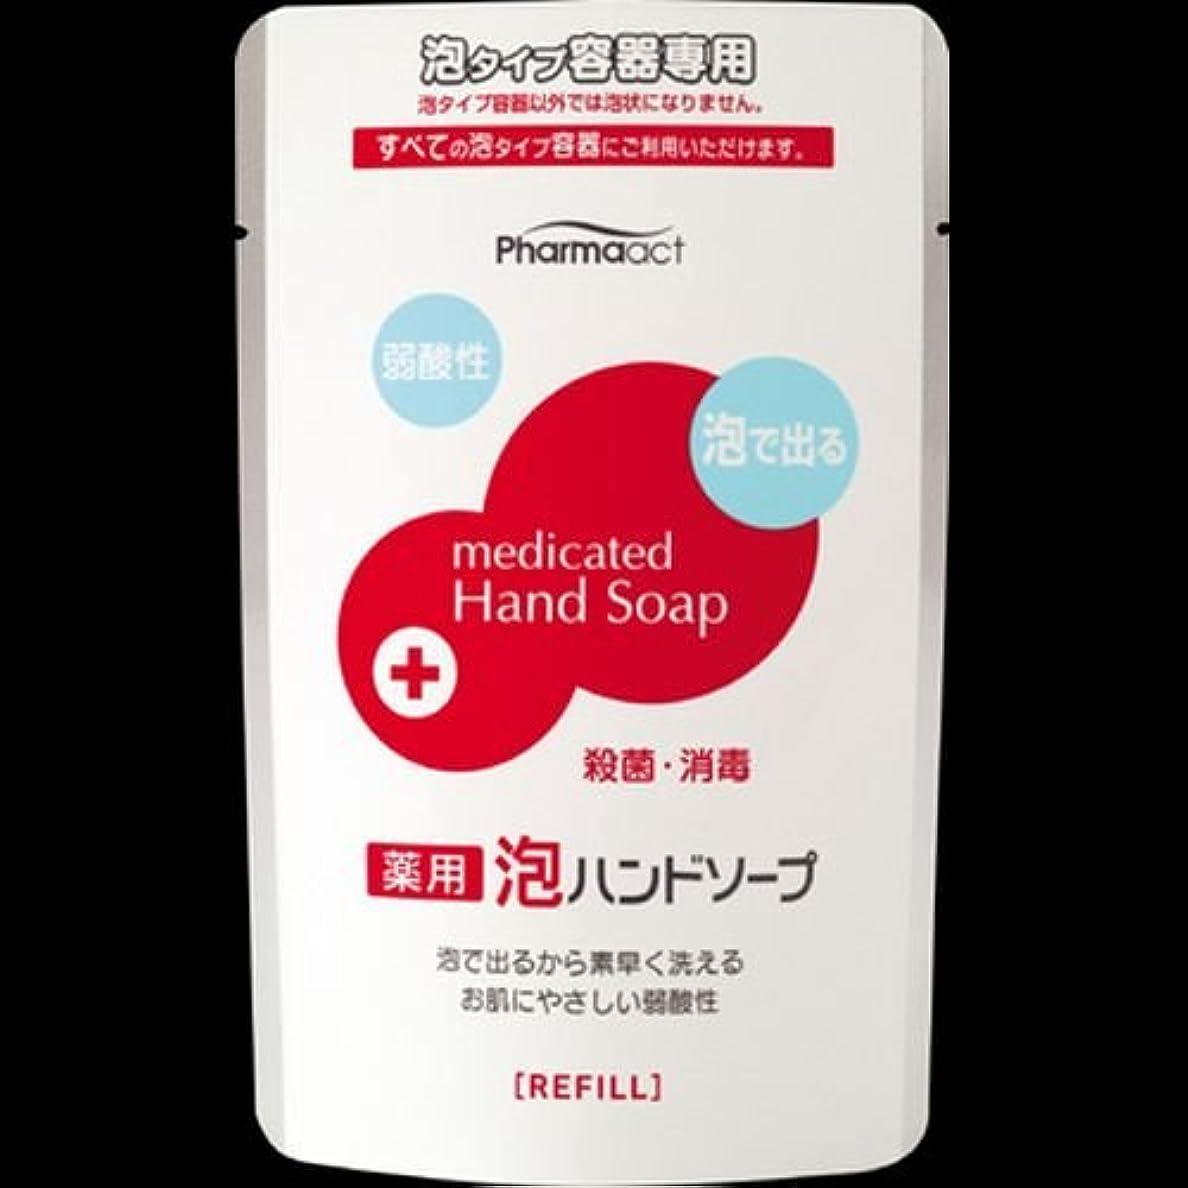 正確さセンチメンタル成り立つ【まとめ買い】ファーマアクト 弱酸性 薬用泡ハンドソープ つめかえ用 200ml ×2セット